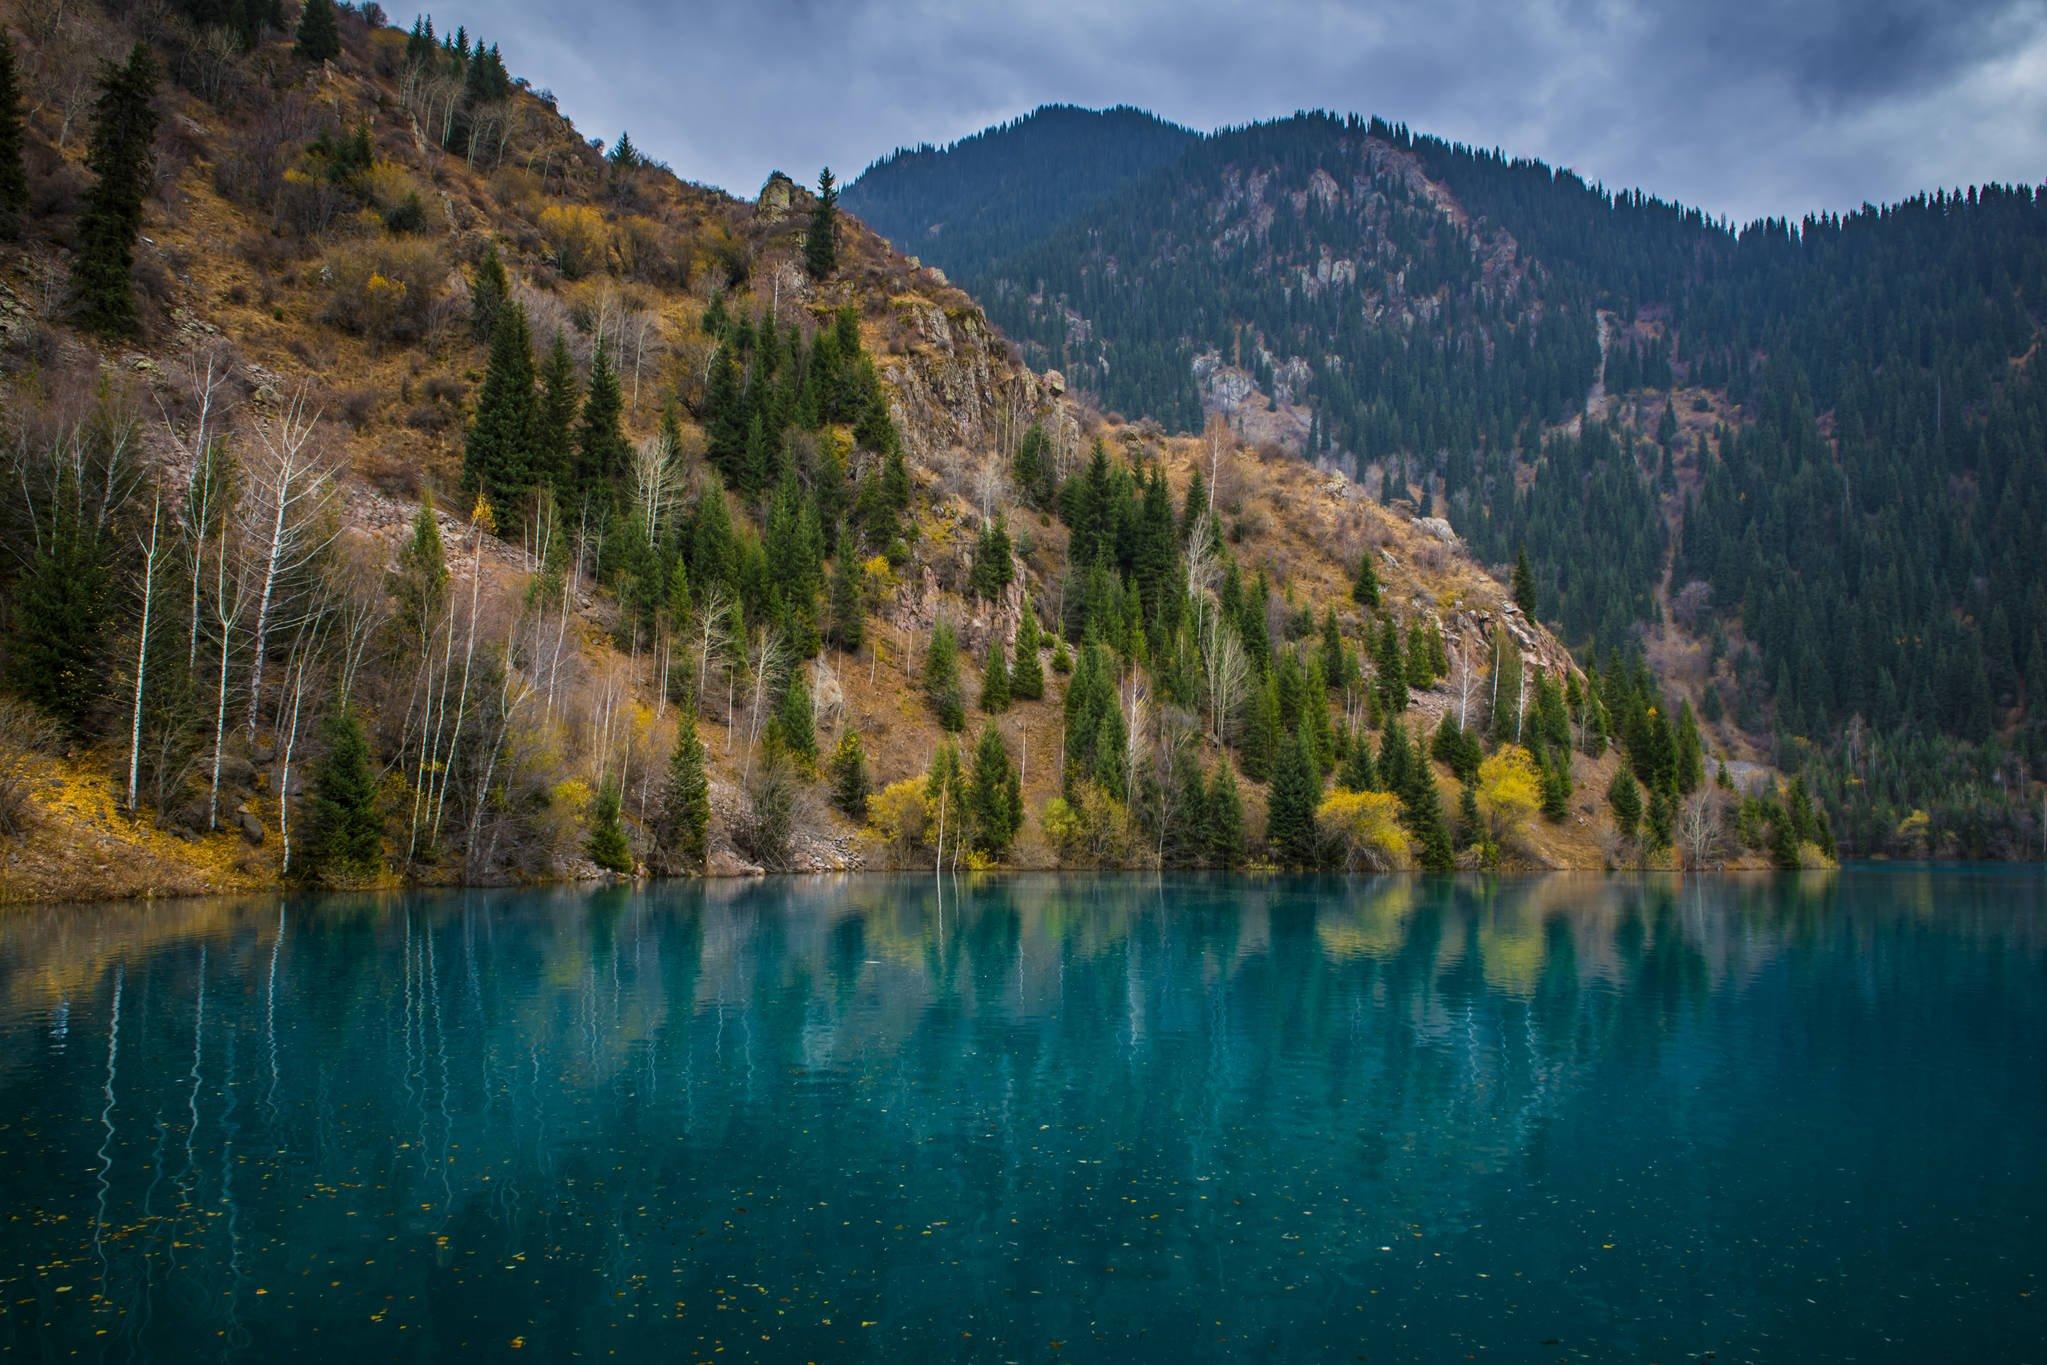 Putovanje Kazahstan - Putevima neistraženih prostranstava (9)